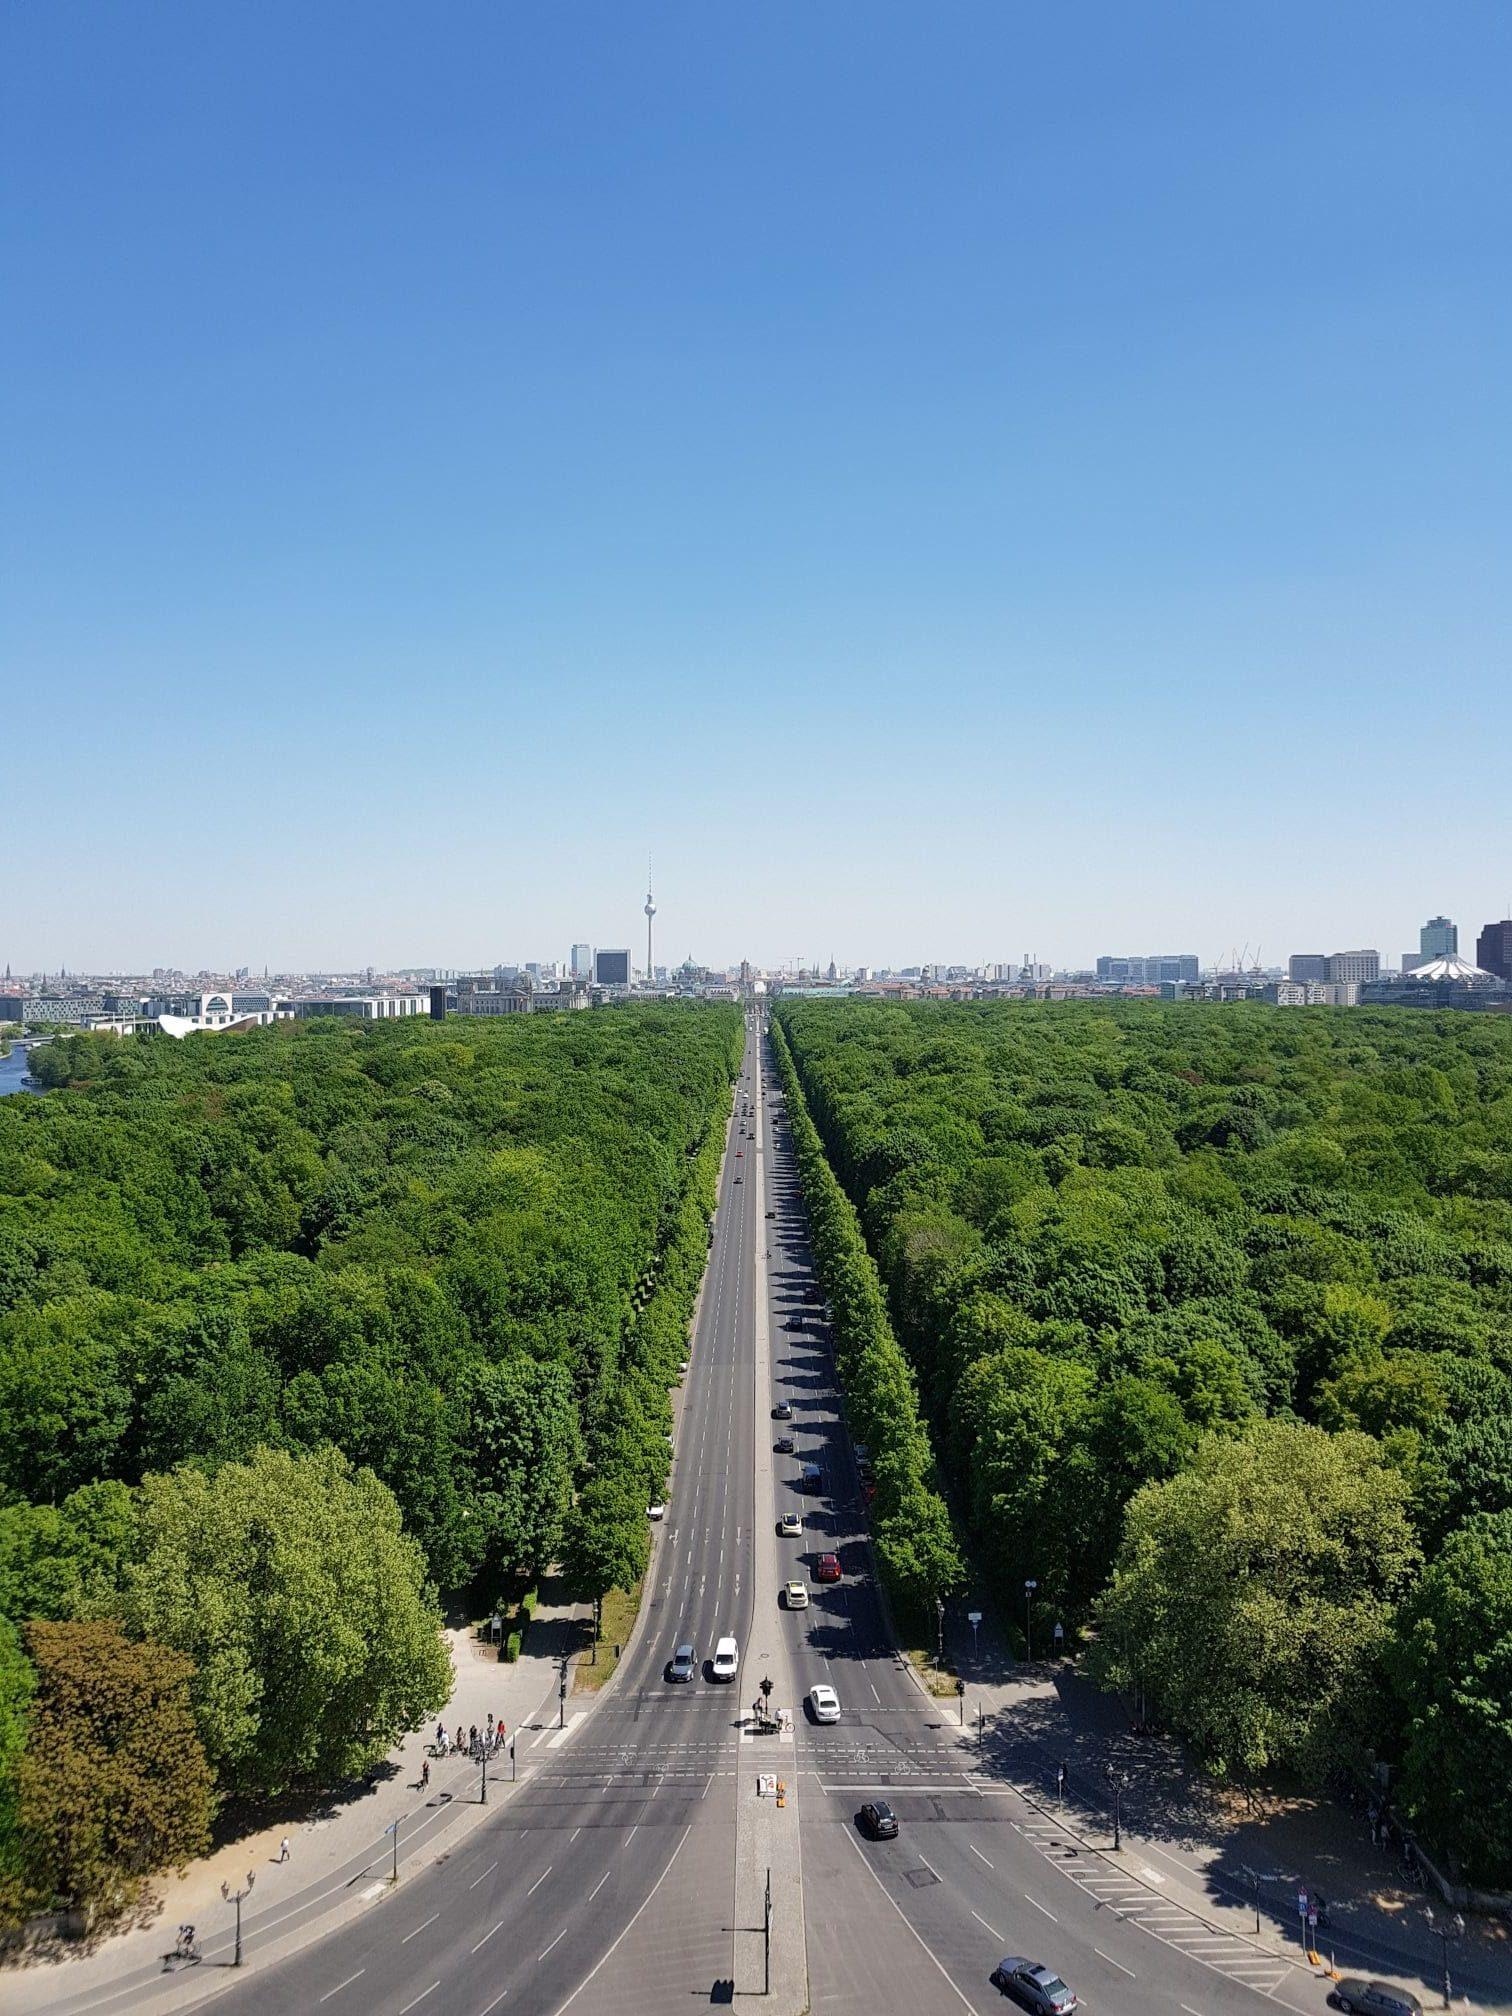 berlin history tour tiergarten brandenburg gate